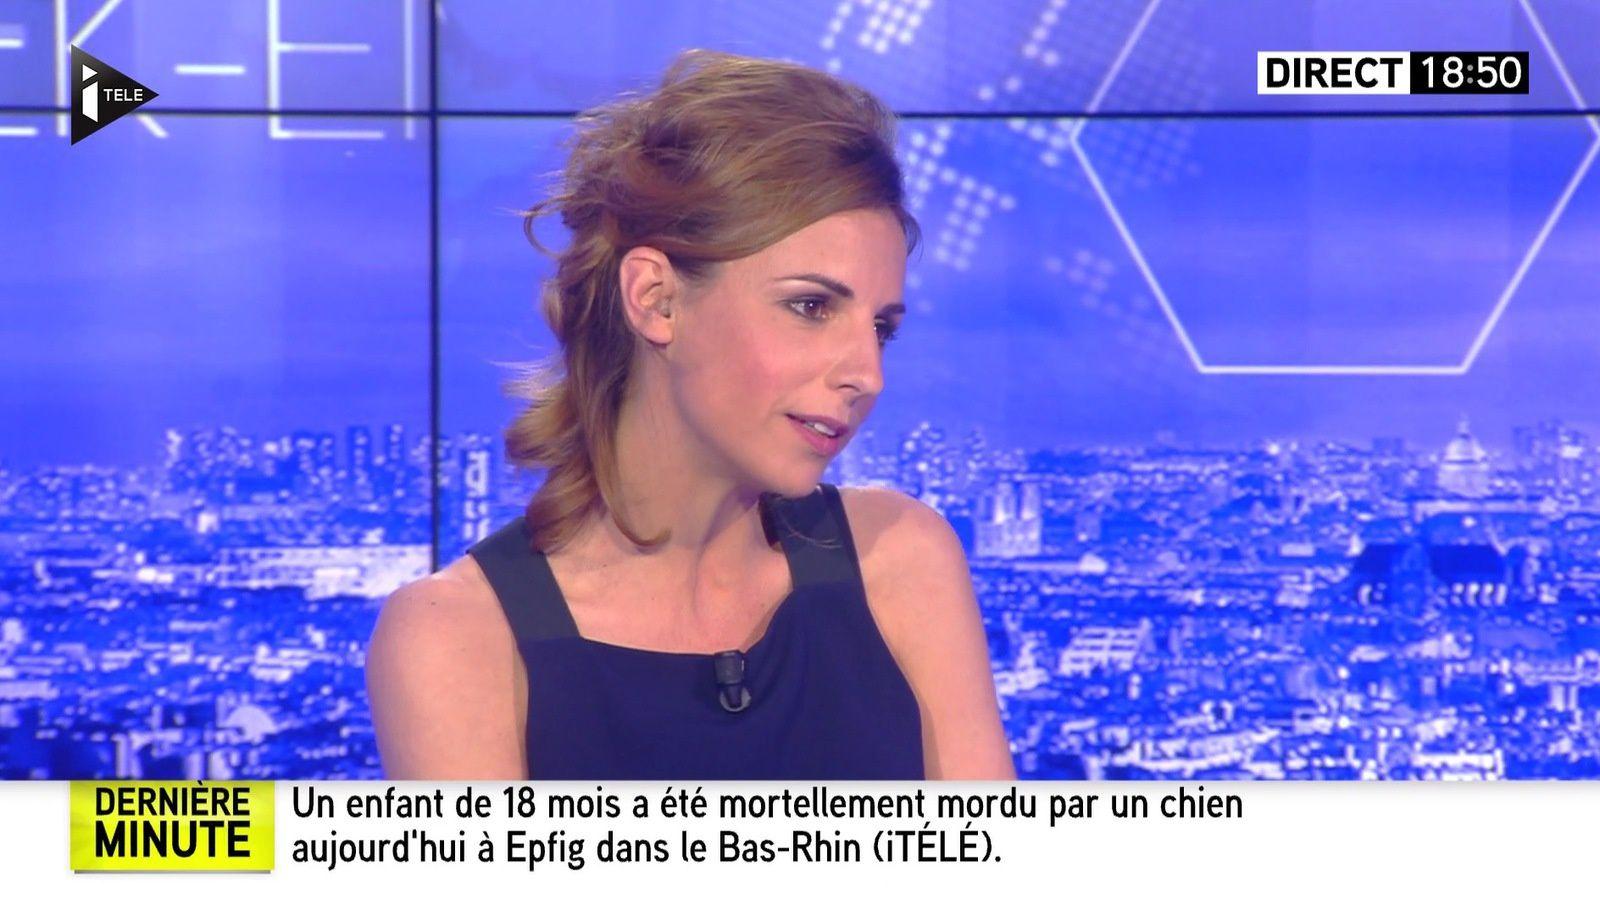 ALICE DARFEUILLE pour INTEGRALE WEEK-END le 2016 05 06 sur i>tele